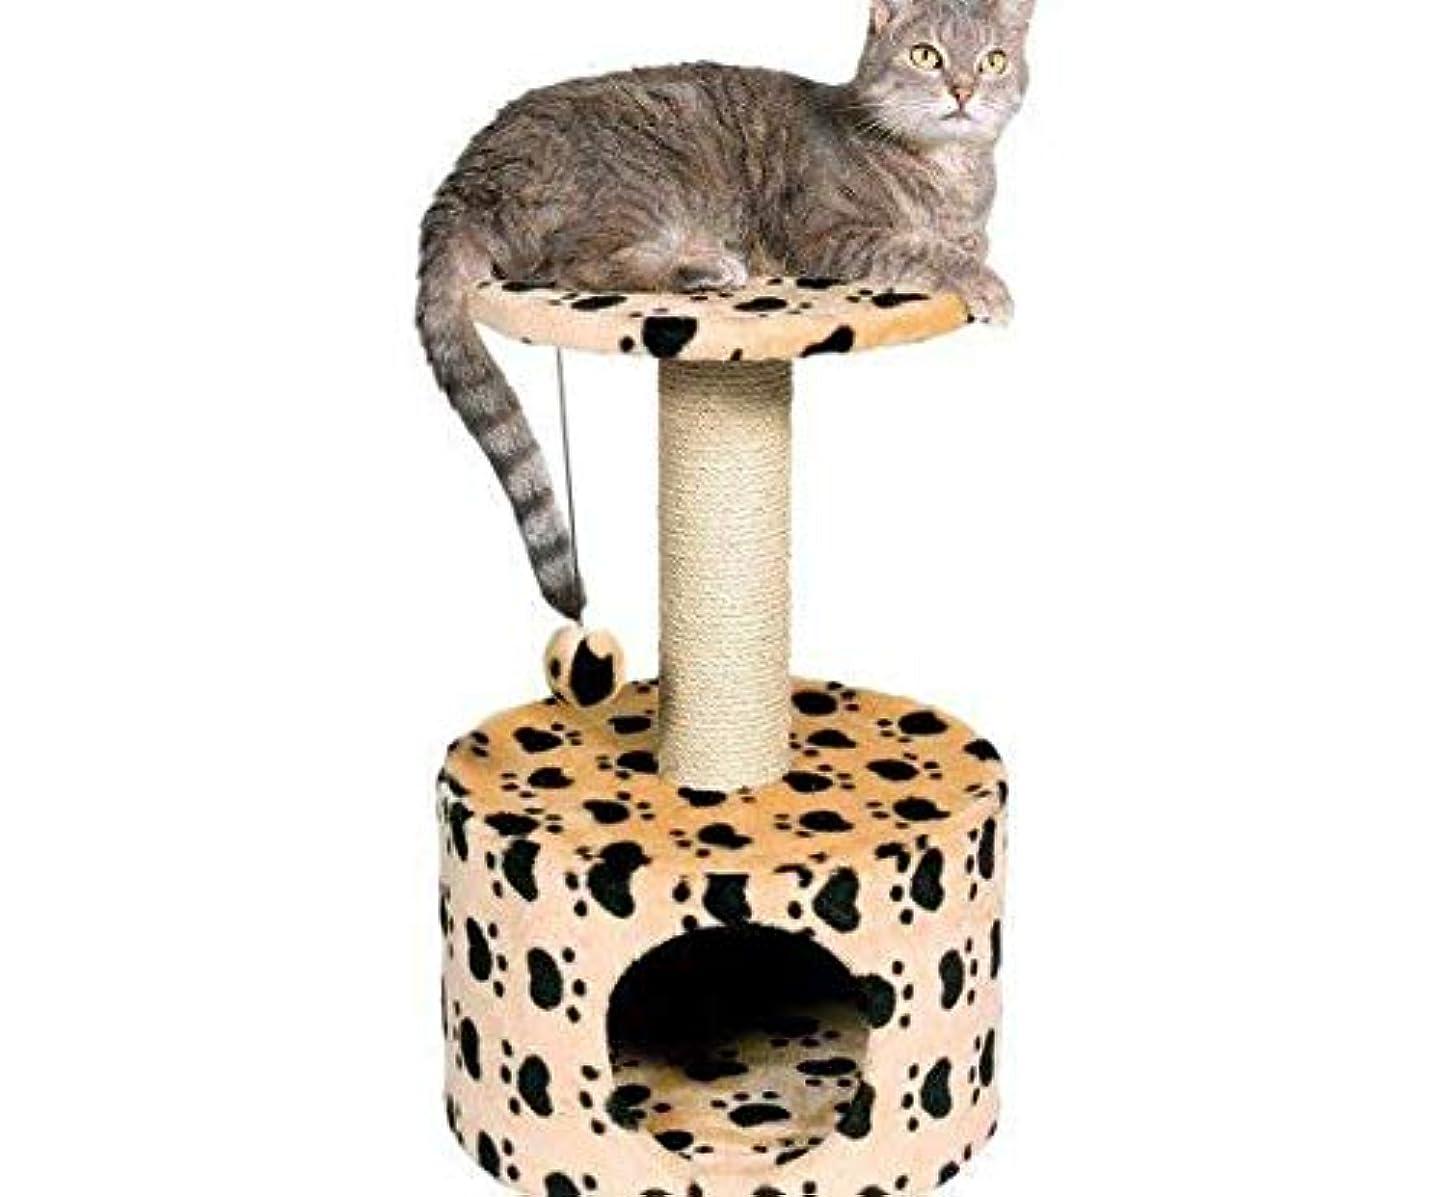 絶望まとめる費やすScratcher Toledo61Cm-ベージュとの肉球,Scratchers、猫